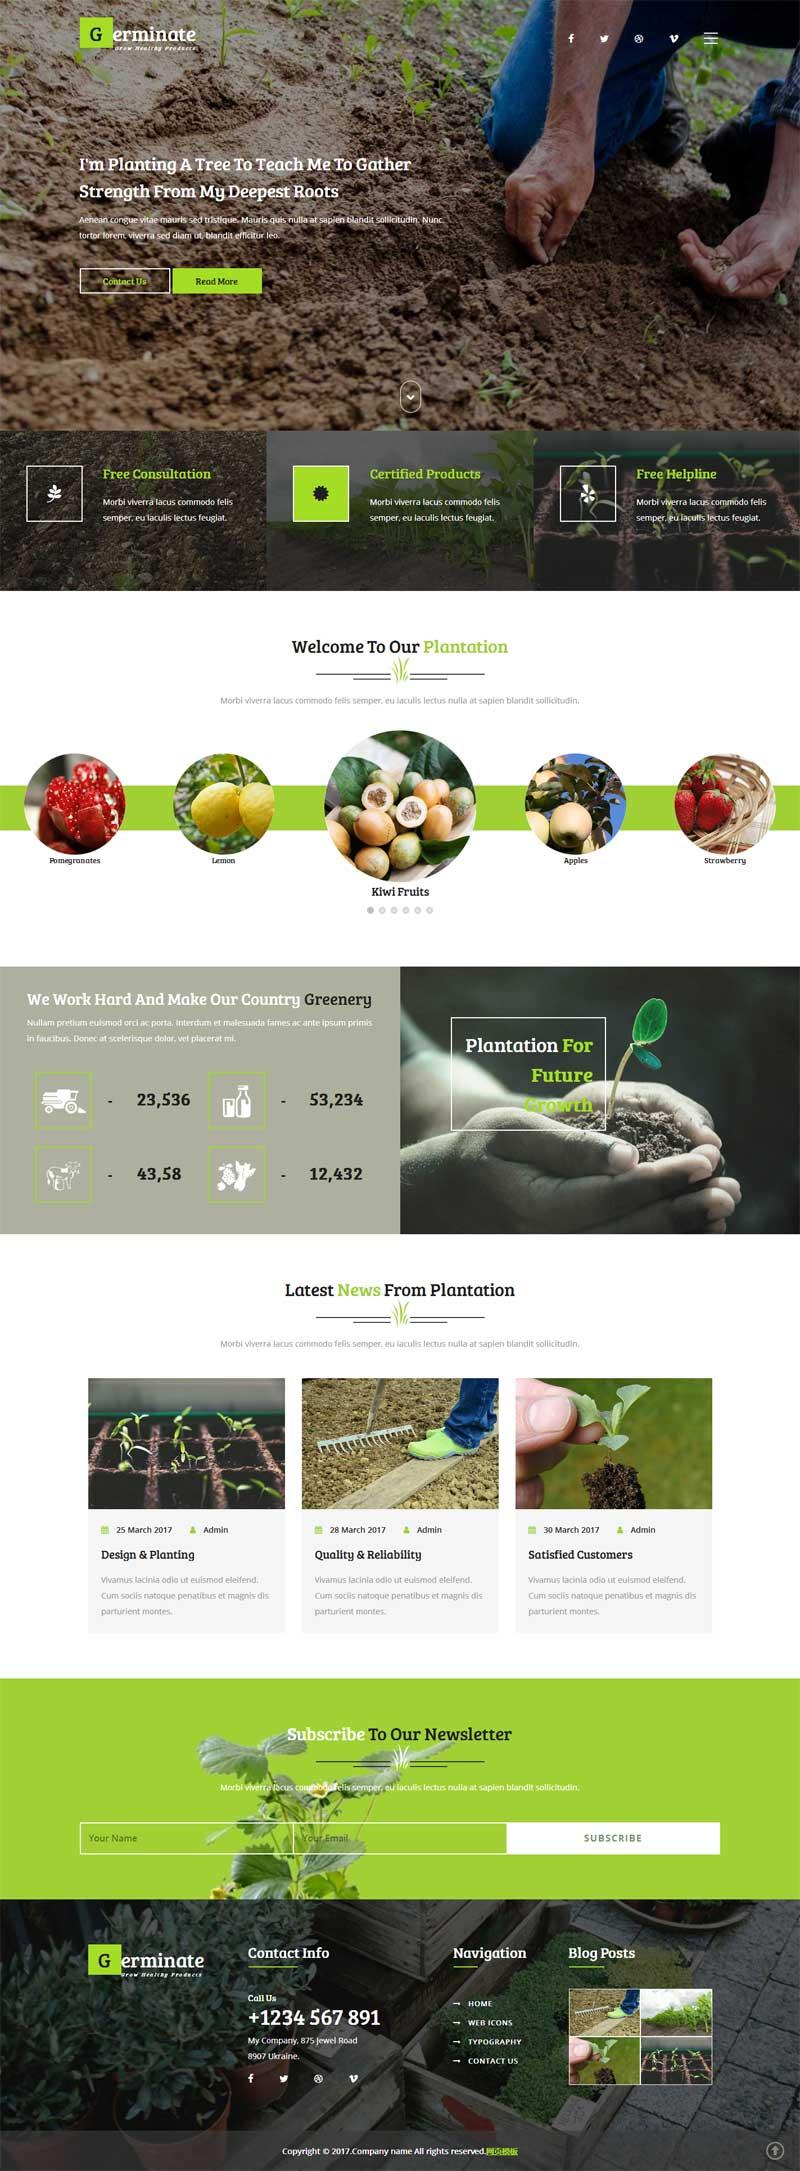 绿色宽屏的蔬菜水果农业种植网站模板下载